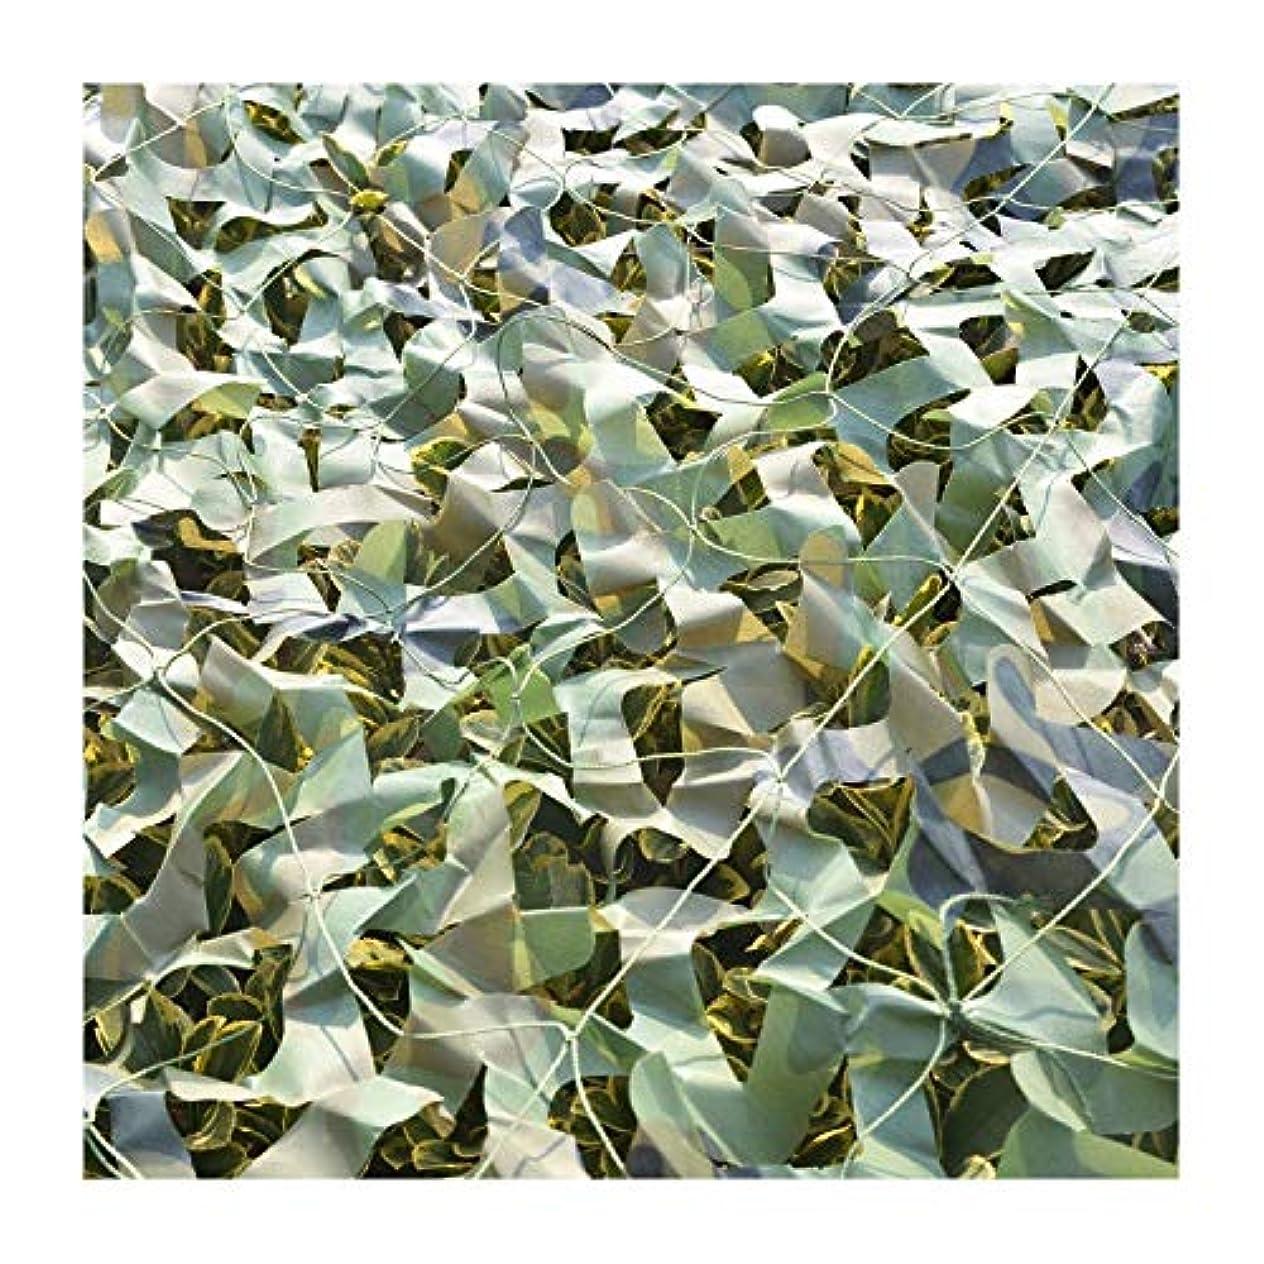 復活する回復するエレクトロニック遮光ネット迷彩ネット カモフラージュネット、キャンプ用隠しキャンプ軍事狩猟迷彩シェードサンネットオックスフォード生地迷彩ネット軍事写真撮影 屋外の日陰の庭に適しています (Size : 3*4M(9.8*13.1ft))